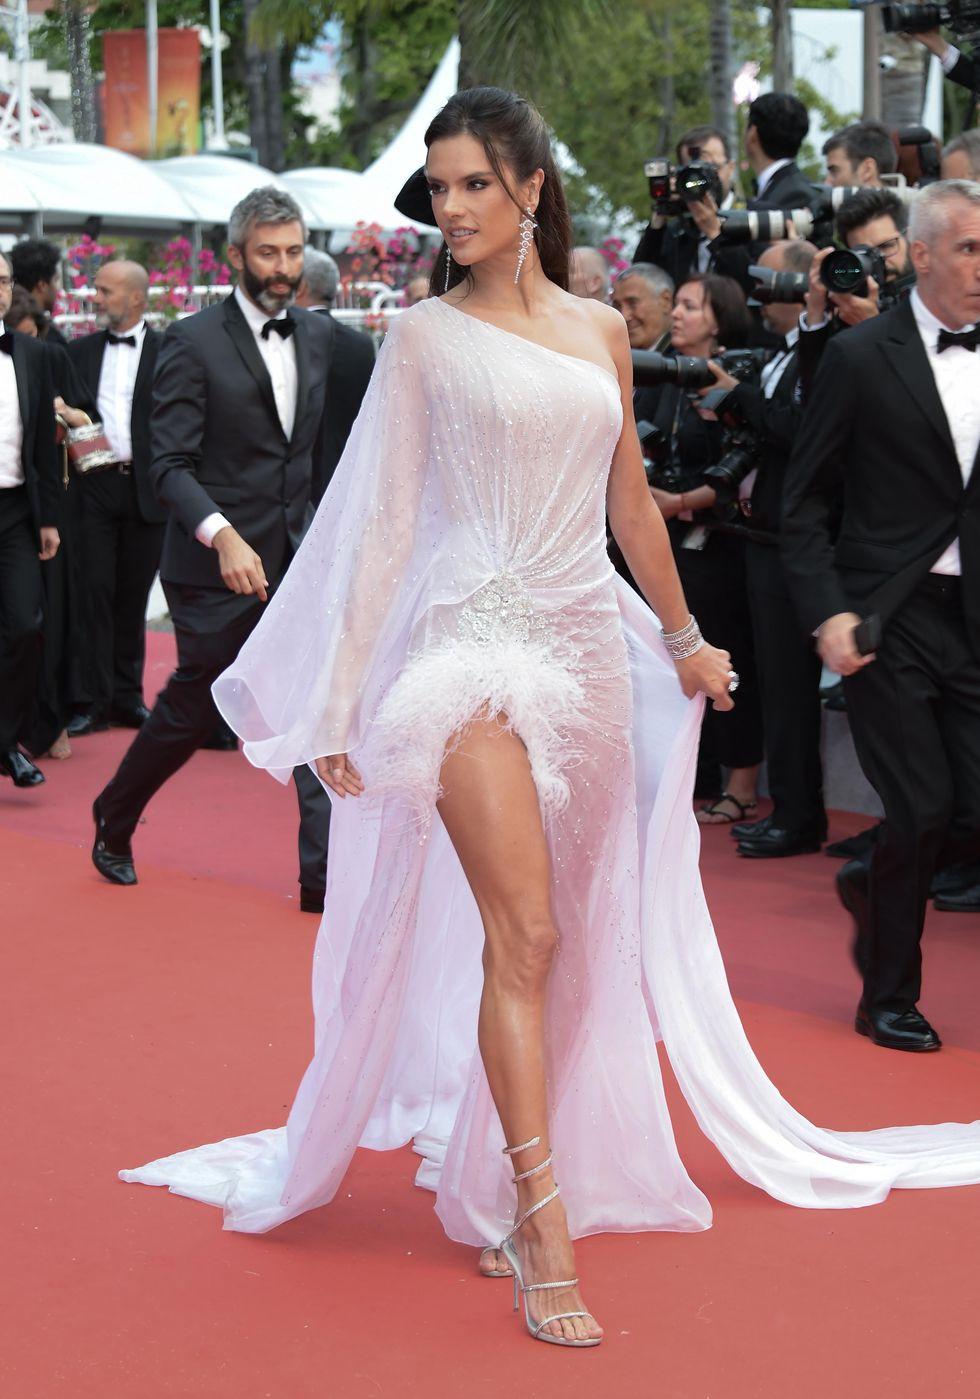 Victoria Secret's Angel satu ini tampil memukau di acara pembukaan, dengan berbalut gaun see-through dan high-slit warna putih